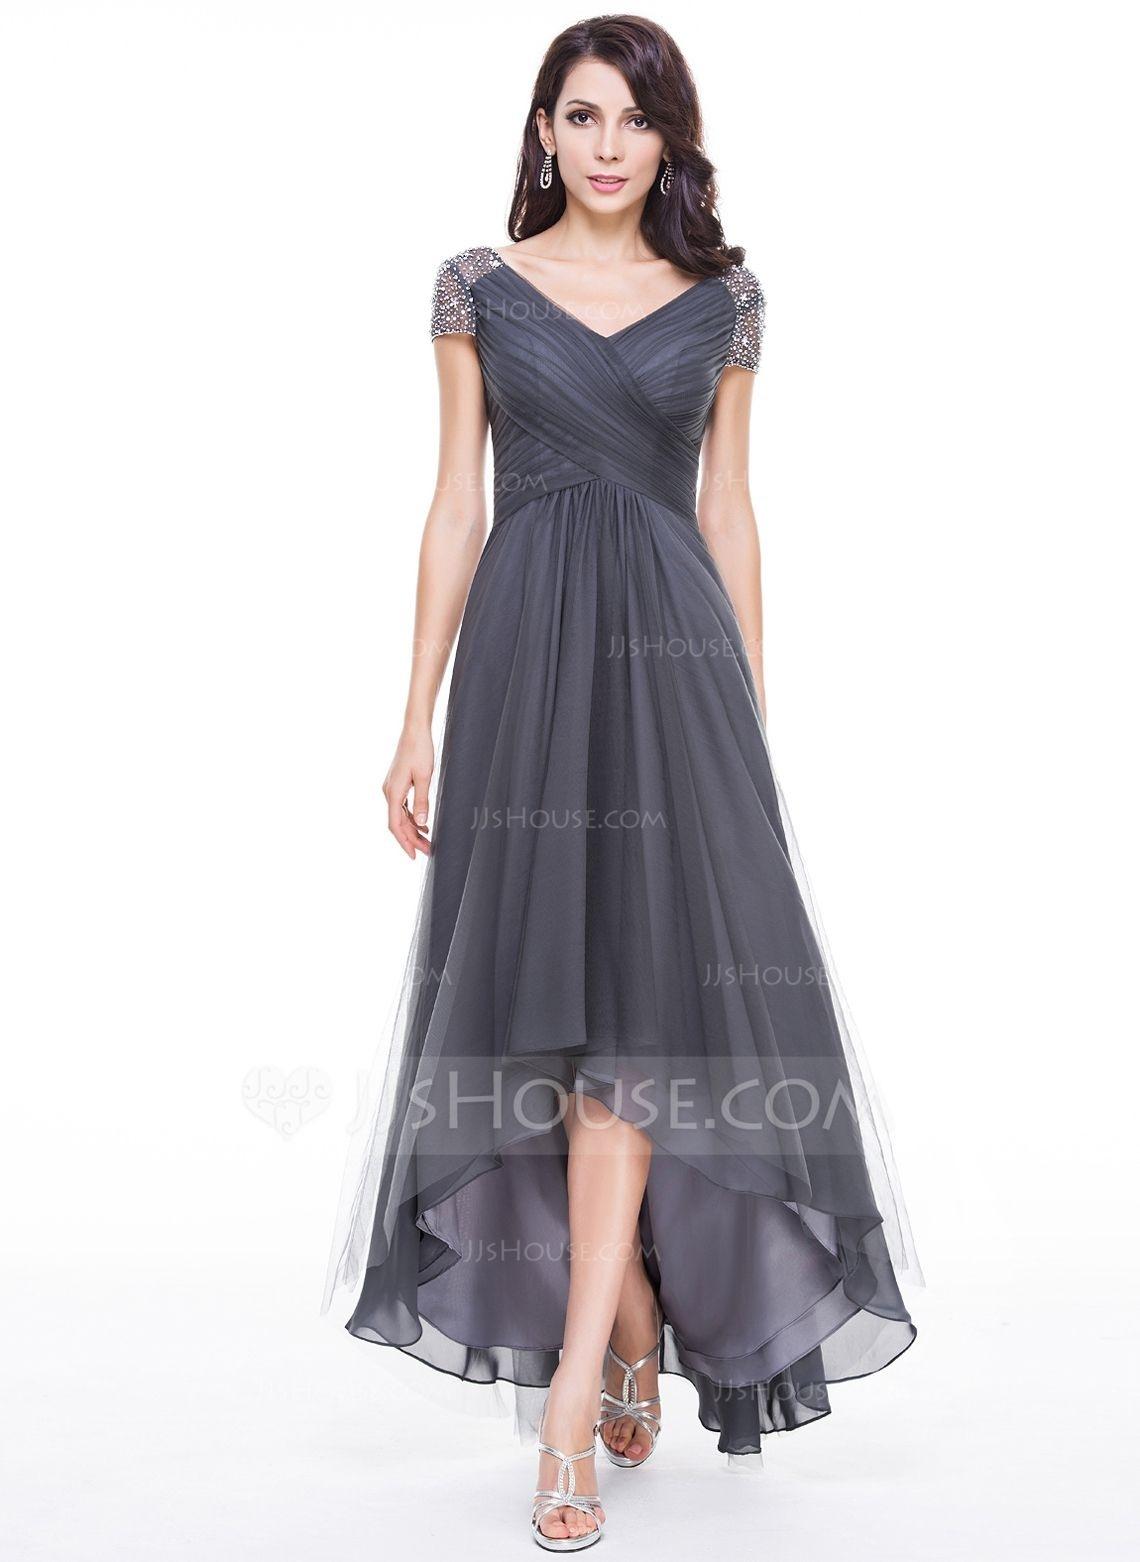 8 Schön Wo Kann Ich Abendkleider Kaufen Boutique - Abendkleid